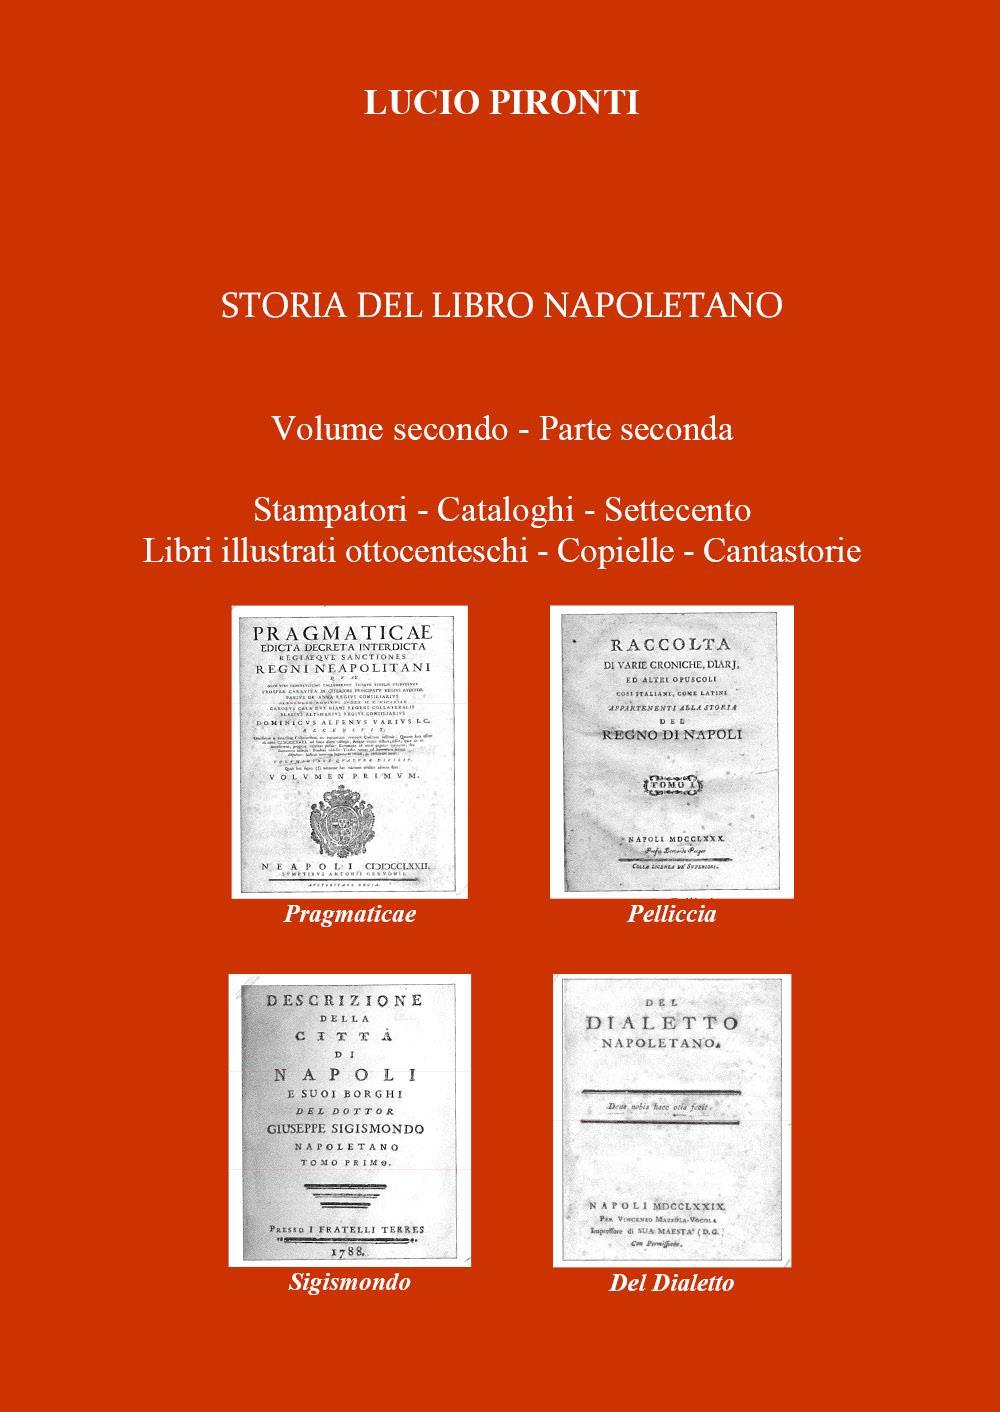 Storia del libro napoletano. Volume secondo - Parte seconda. Stampatori - Cataloghi - Settecento - Libri illustrati ottocenteschi - Copielle - Cantastorie